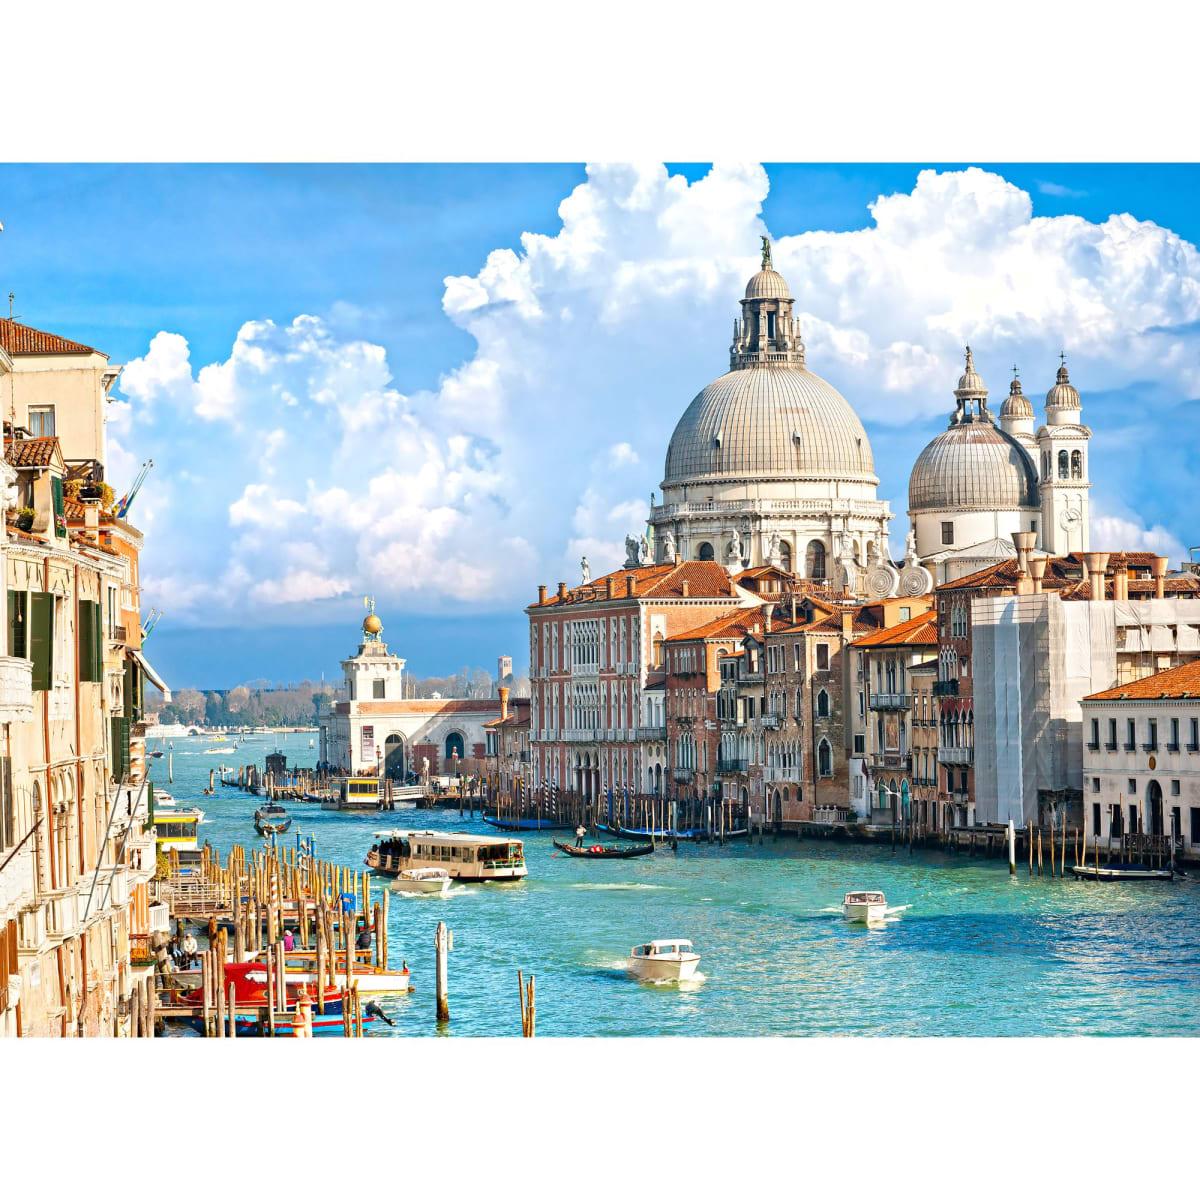 Обои венецыя, 5. Города foto 19